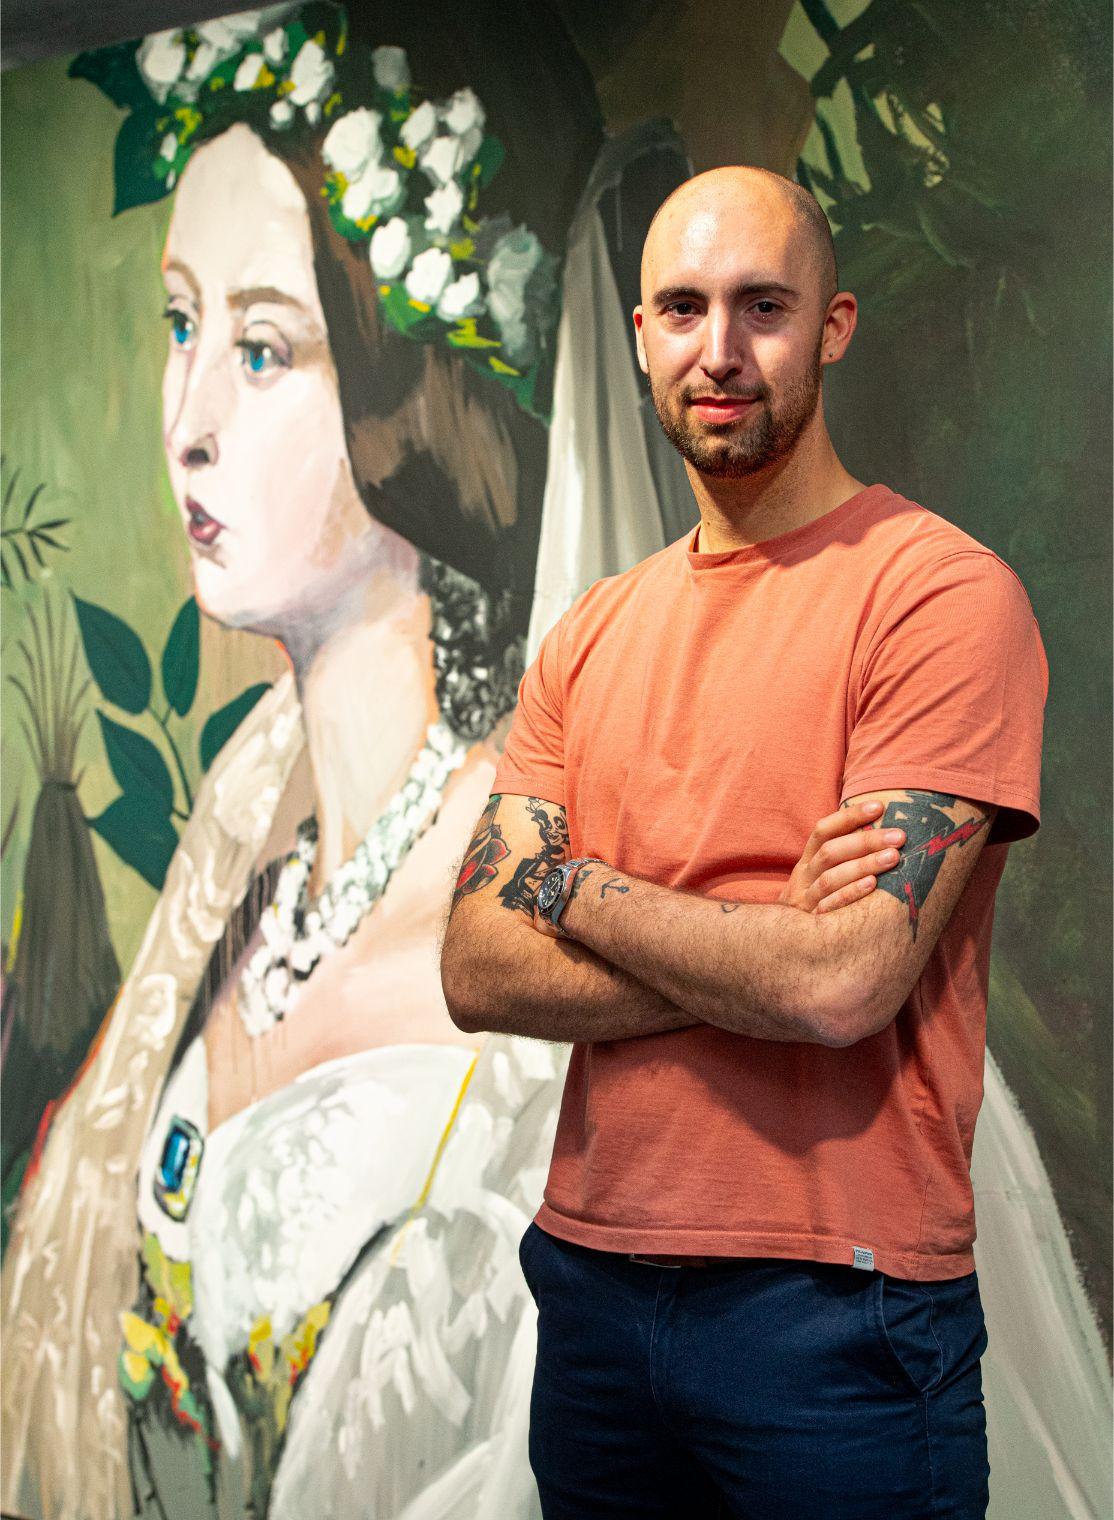 Bruxelles : l'expo temporaire Canvas by Bombay Sapphire revient, et vous devez absolument vous y rendre - 13